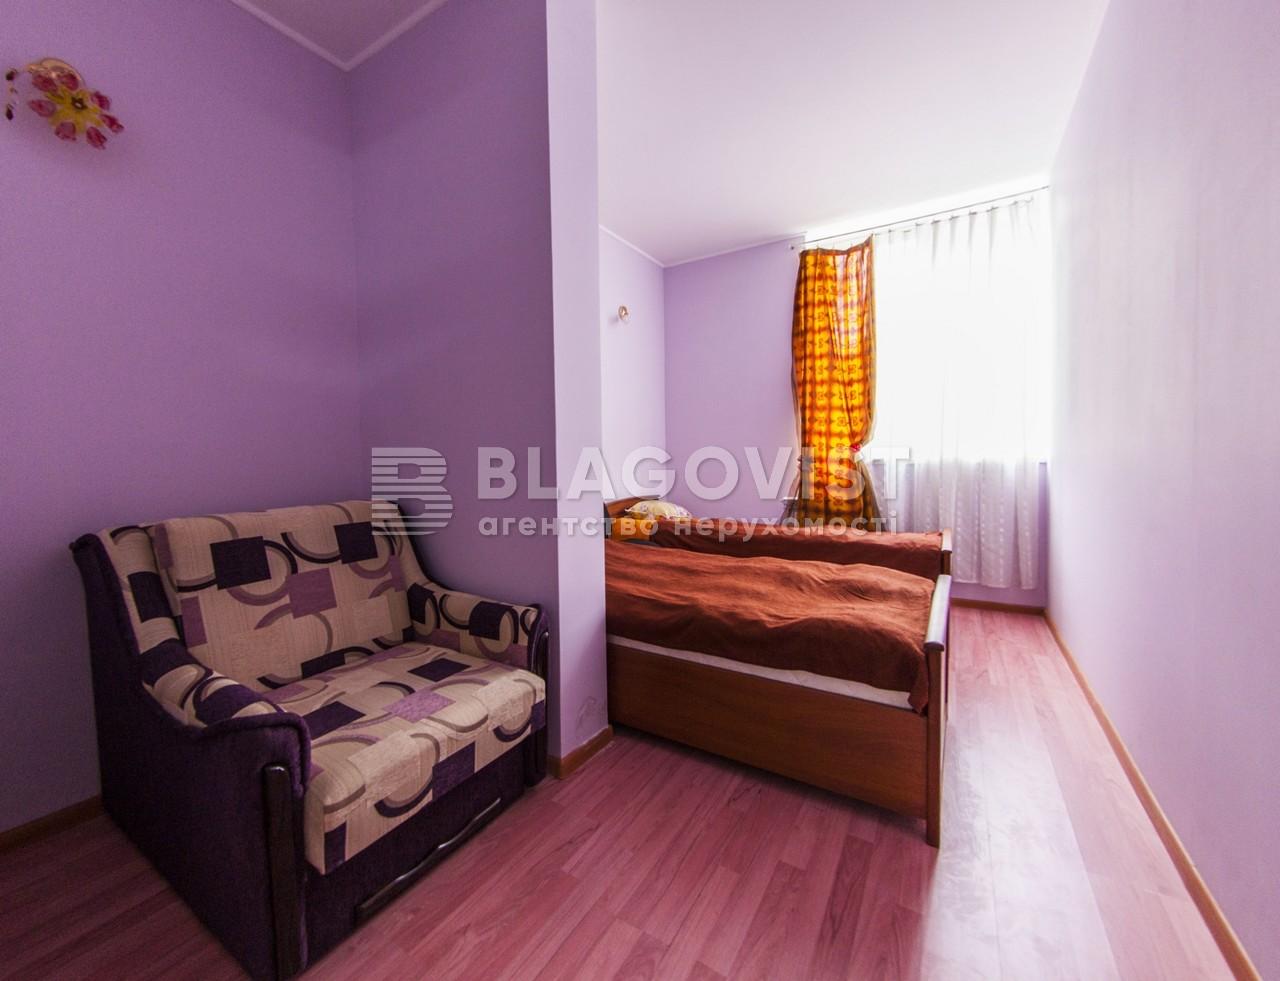 Гостиница, F-30823, Кольцова бульв., Киев - Фото 12